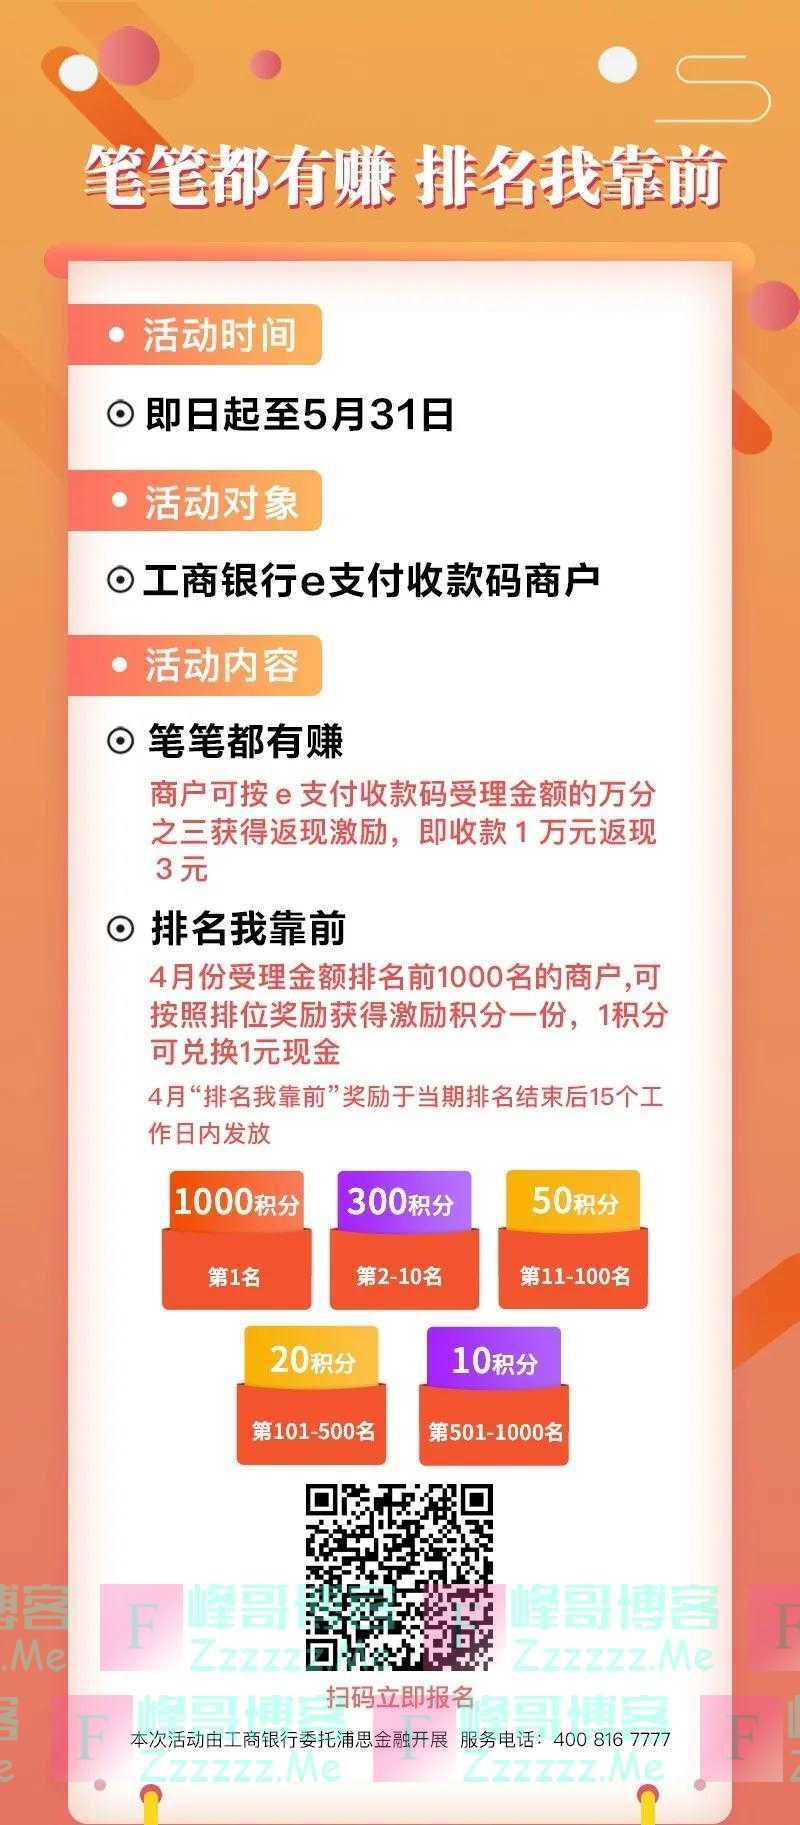 工商商户之家工商银行e支付收款码商户,千元福利限时领取(截止5月31日)